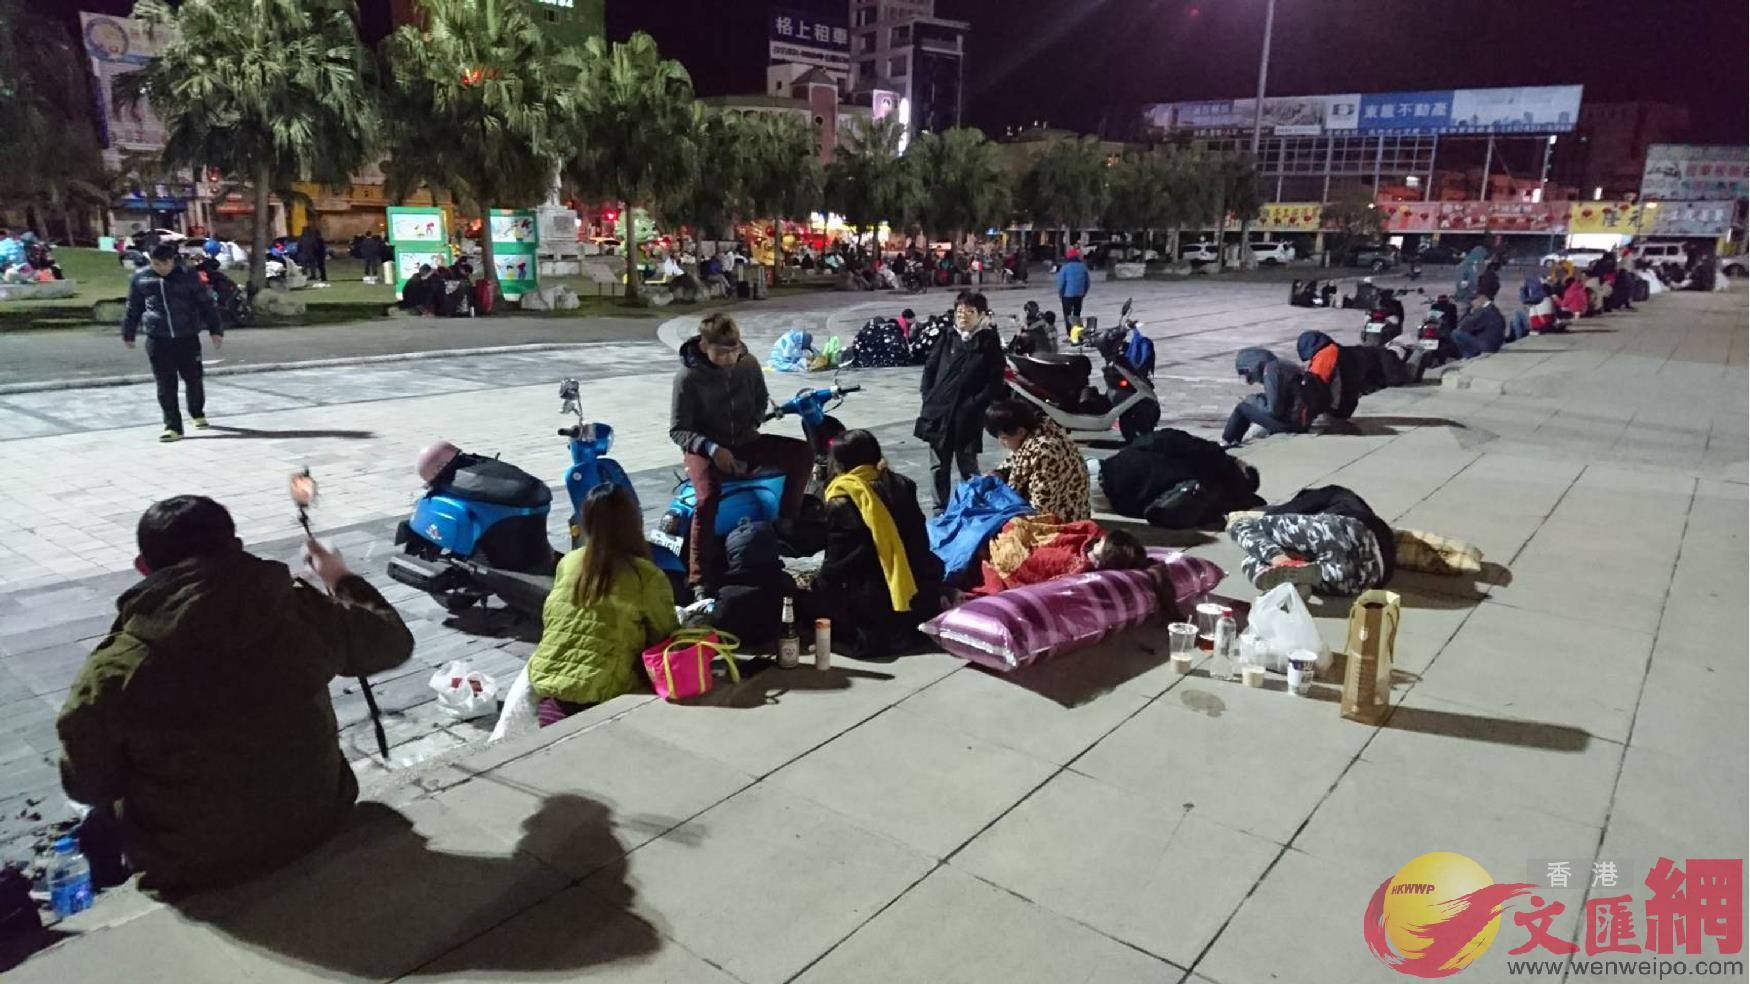 7日03:00:花蓮許多民眾餘悸猶存,不敢待在室內,選擇待在花蓮火車站外廣場空曠處過夜。